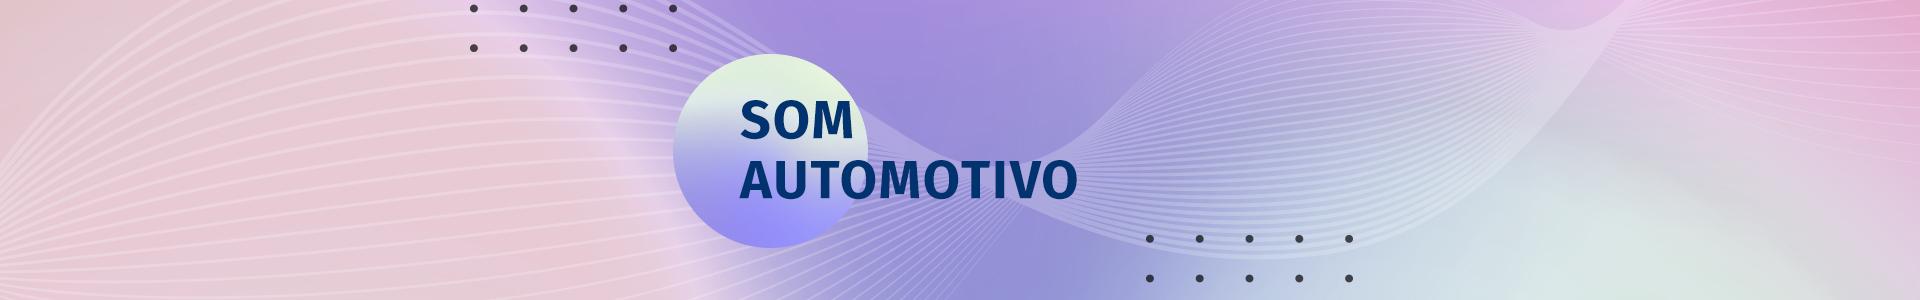 Banner categoria - Som Automotivo